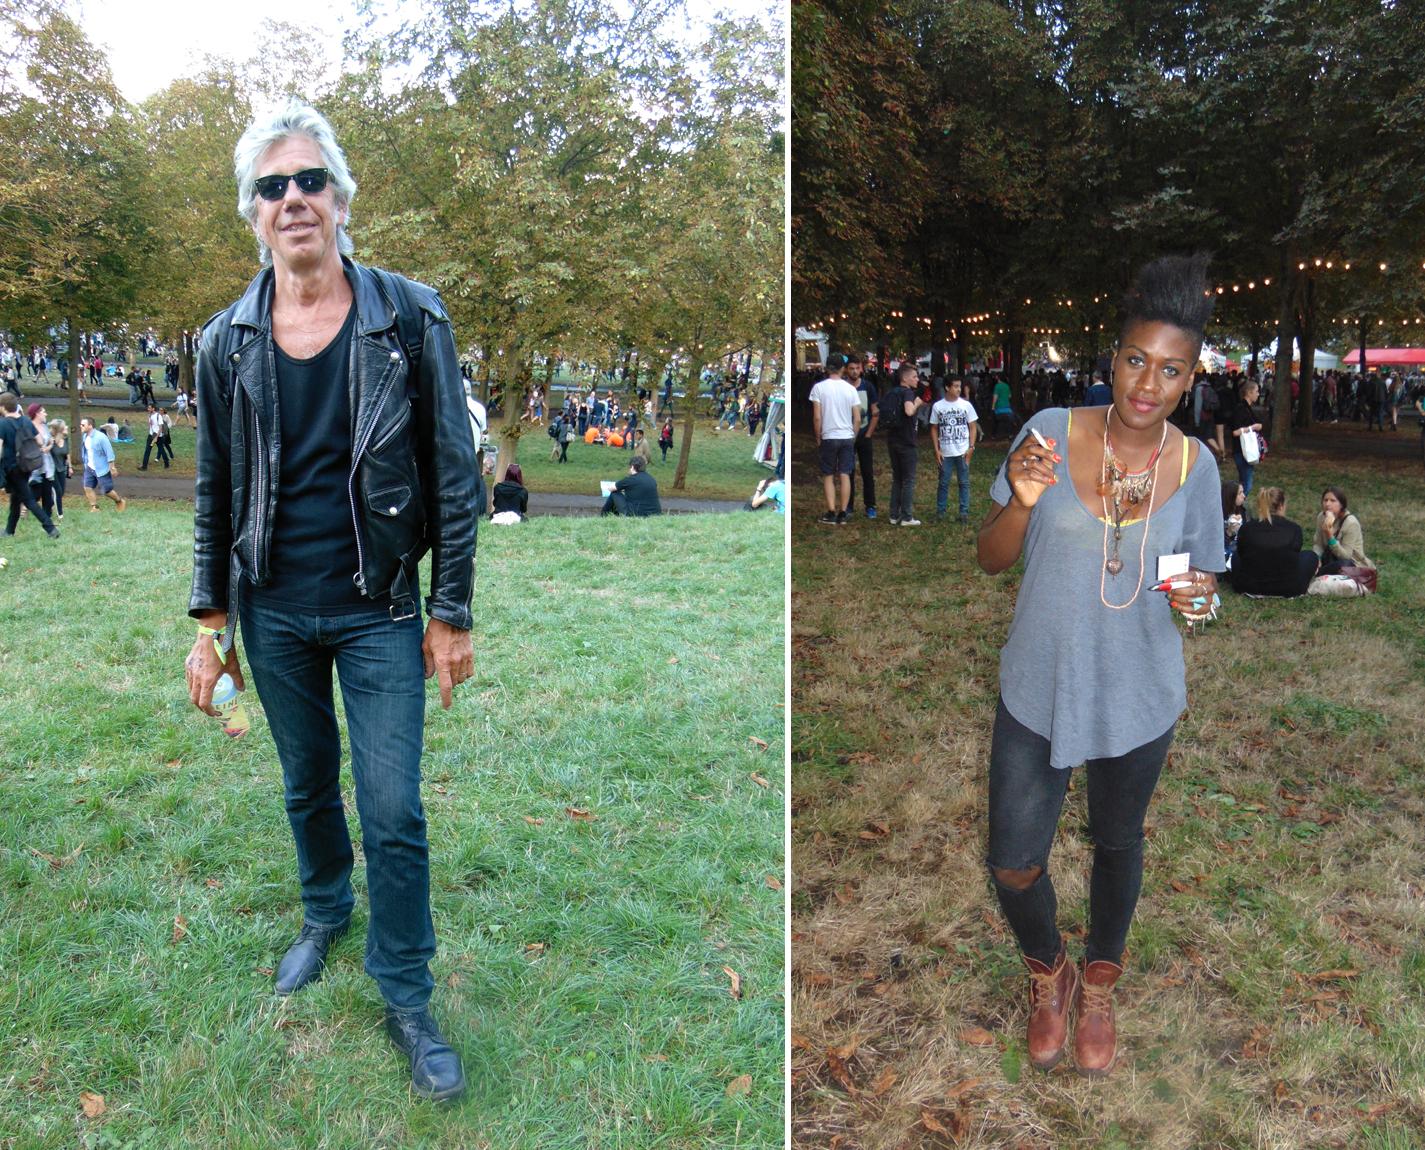 Street Style @ Rock en Seine 2015